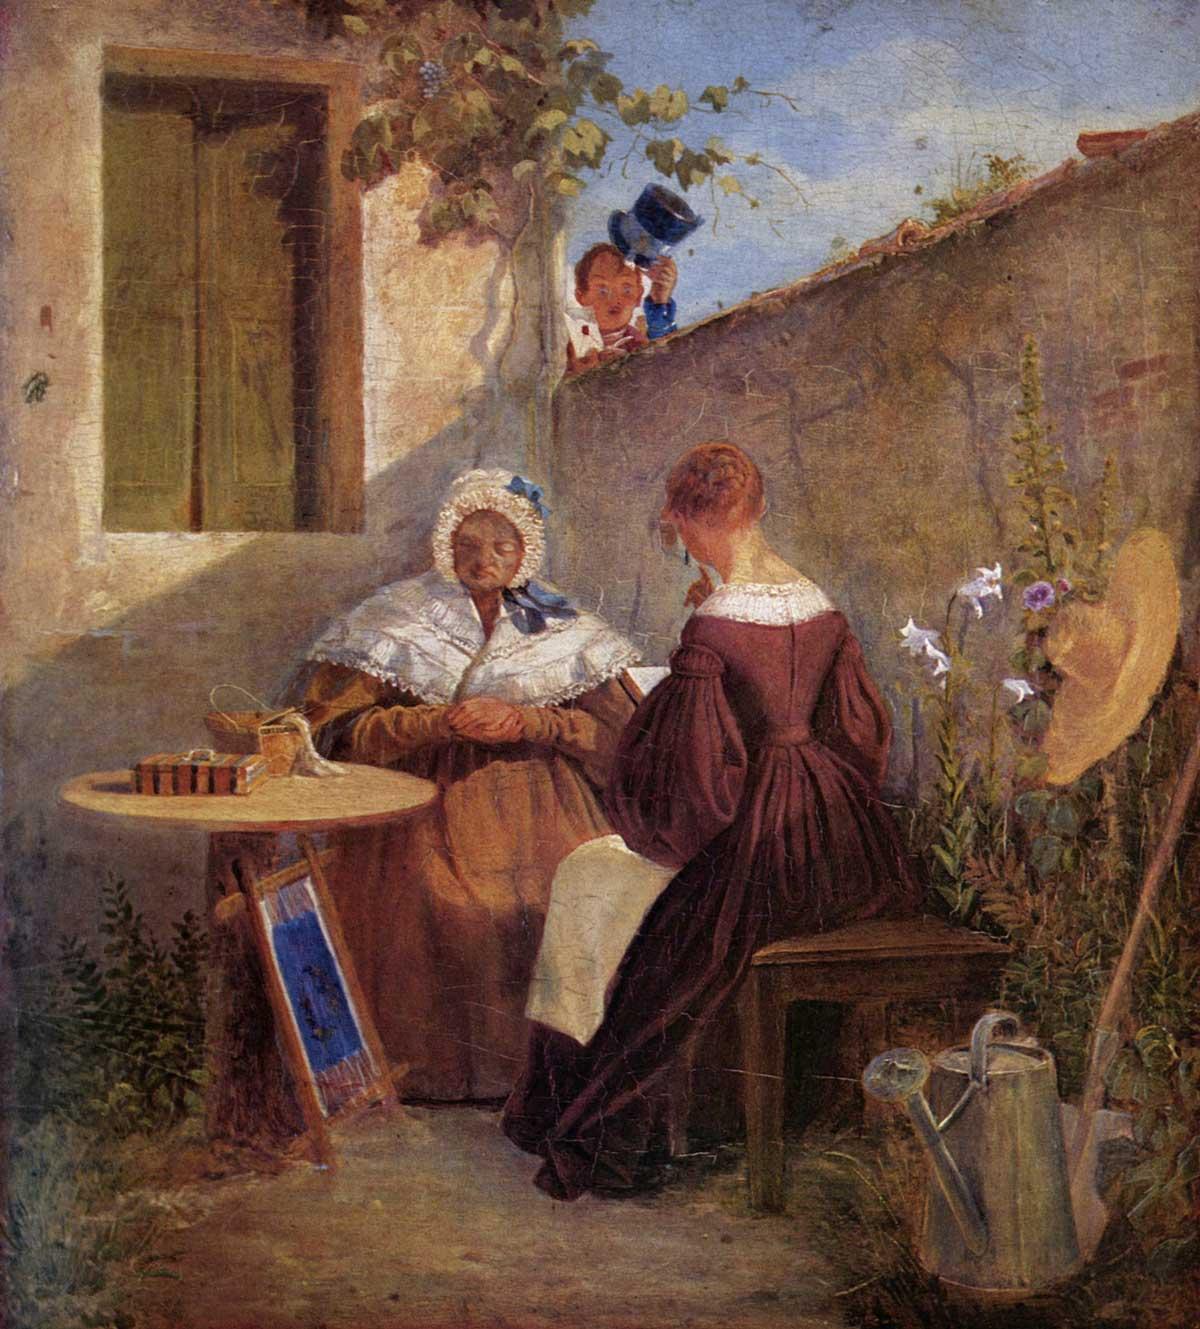 Gestohlenes Gemälde von Carl Spitzweg: Der Liebesbrief (1846)